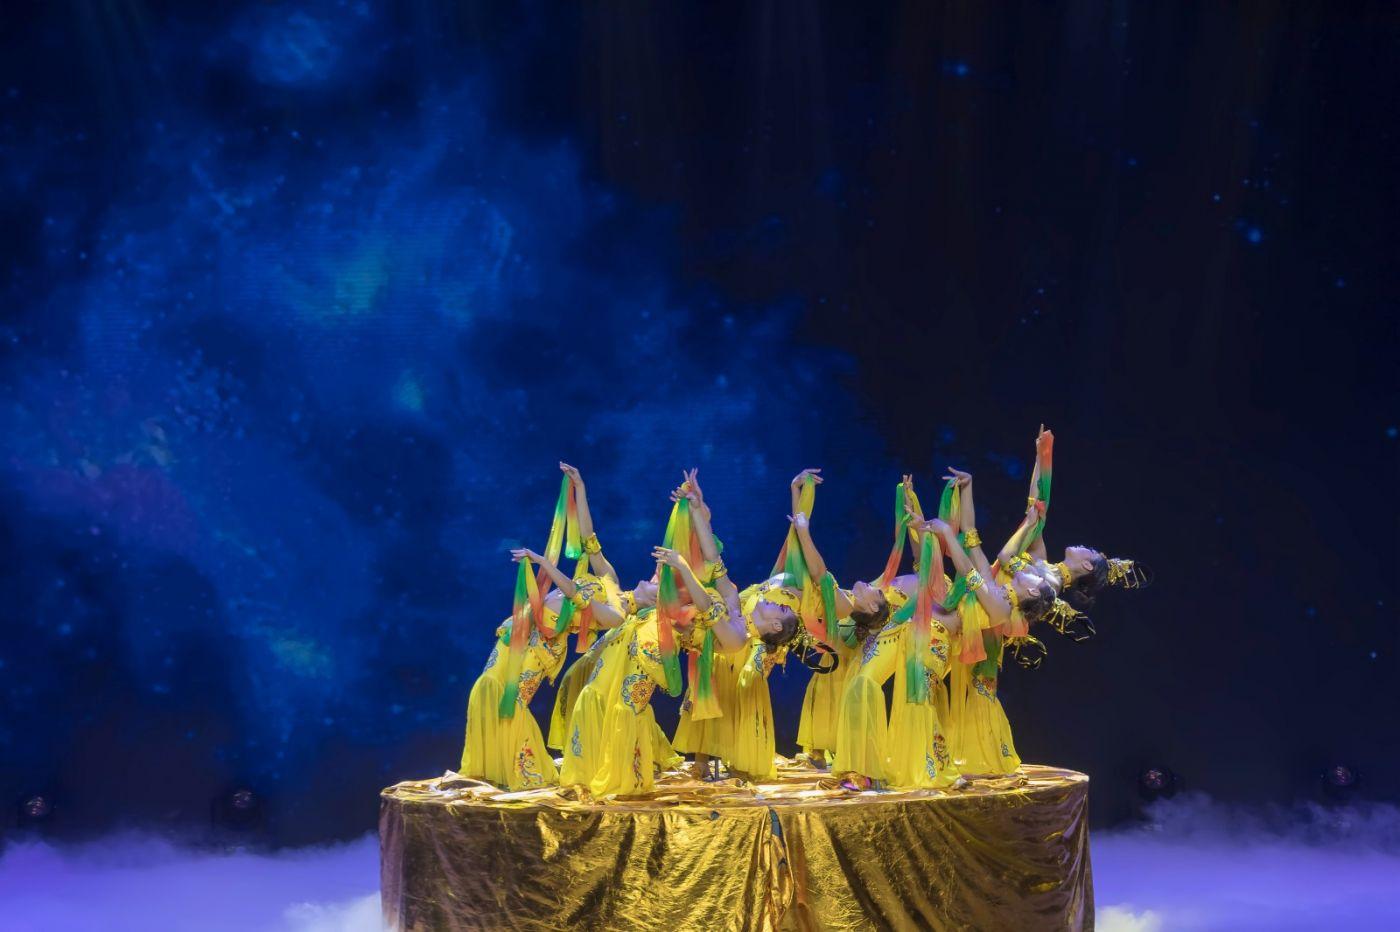 沂蒙大地上 有一种舞蹈叫飞天 这是几位临沂女孩的杰作 美轮美奂 ..._图1-43